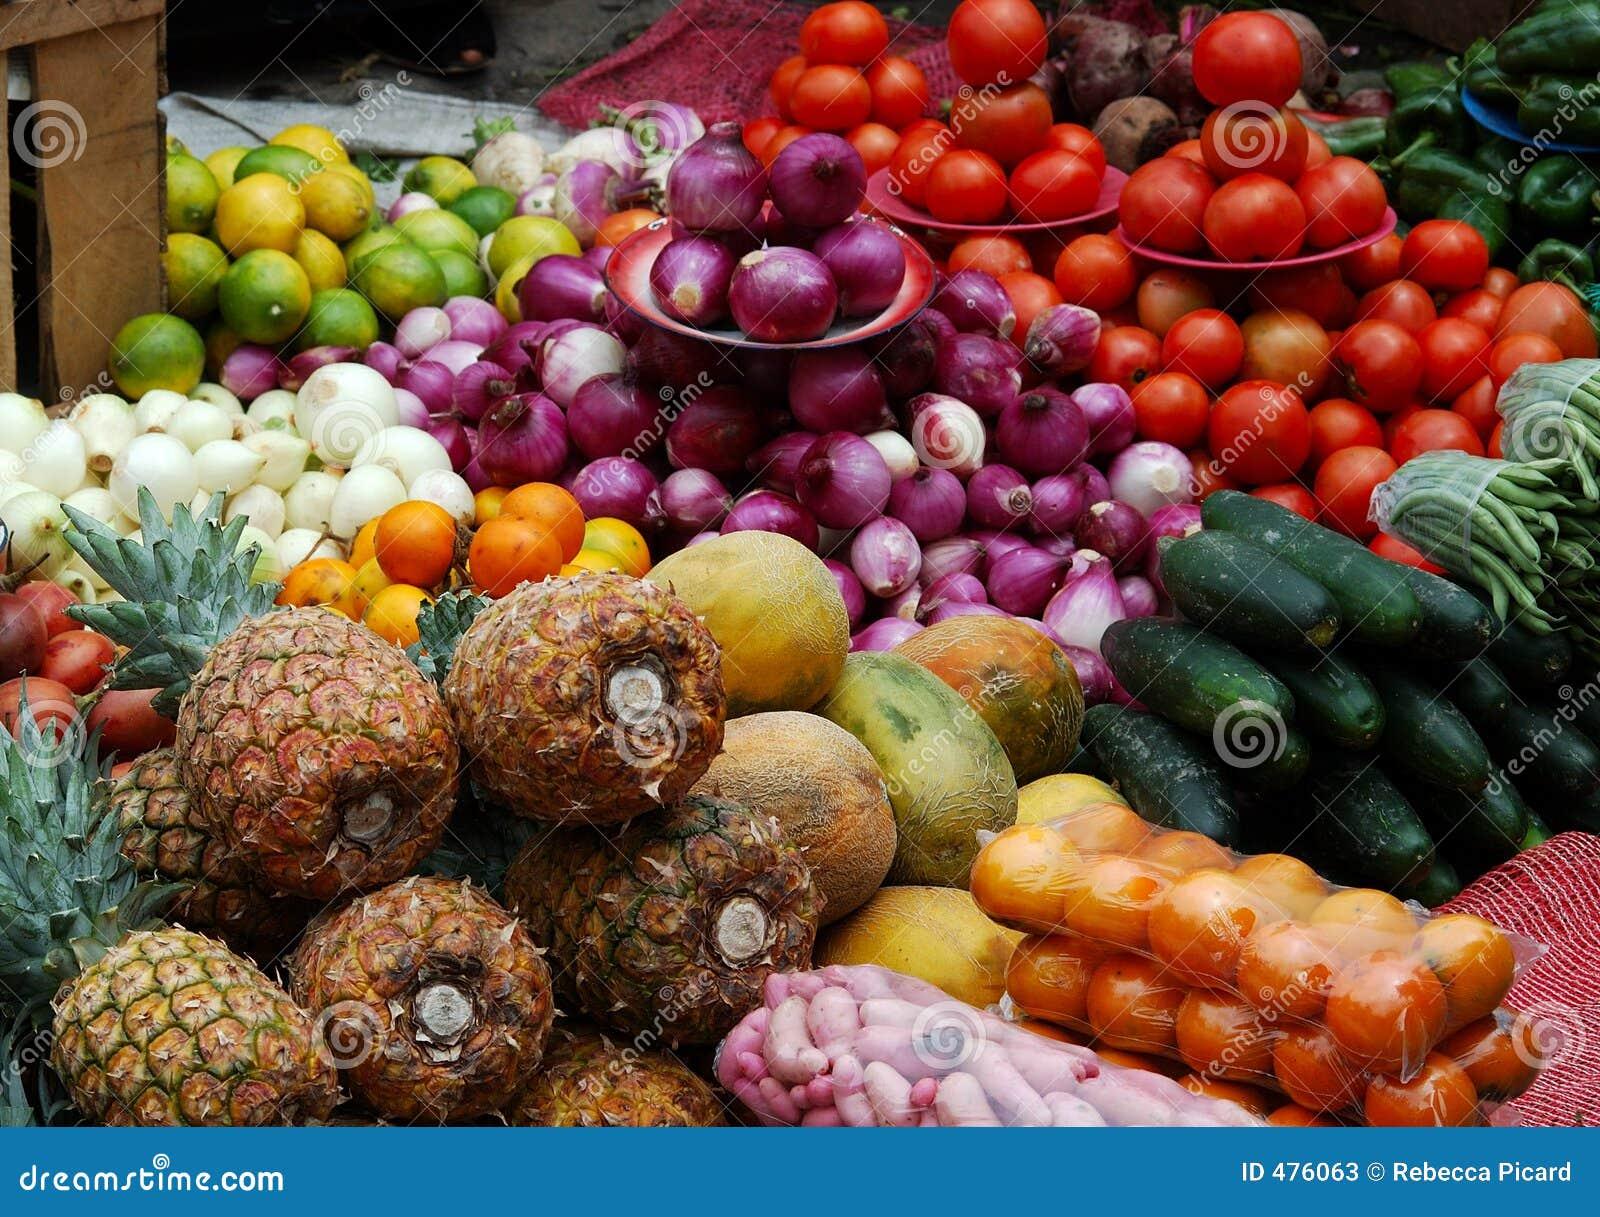 Fruits et légumes abondants